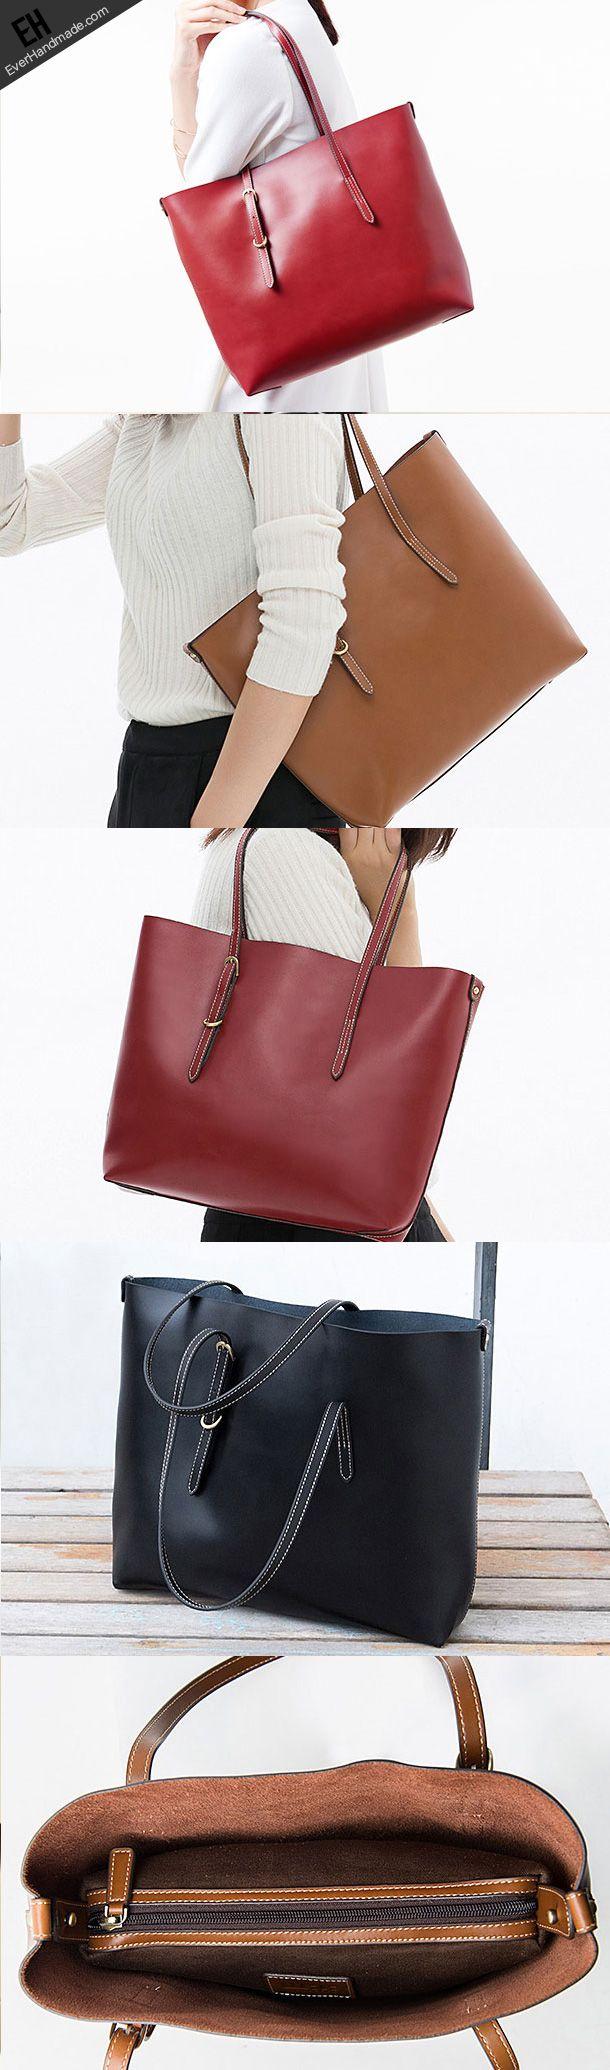 Genuine Leather handbag shoulder bag large tote for women leather